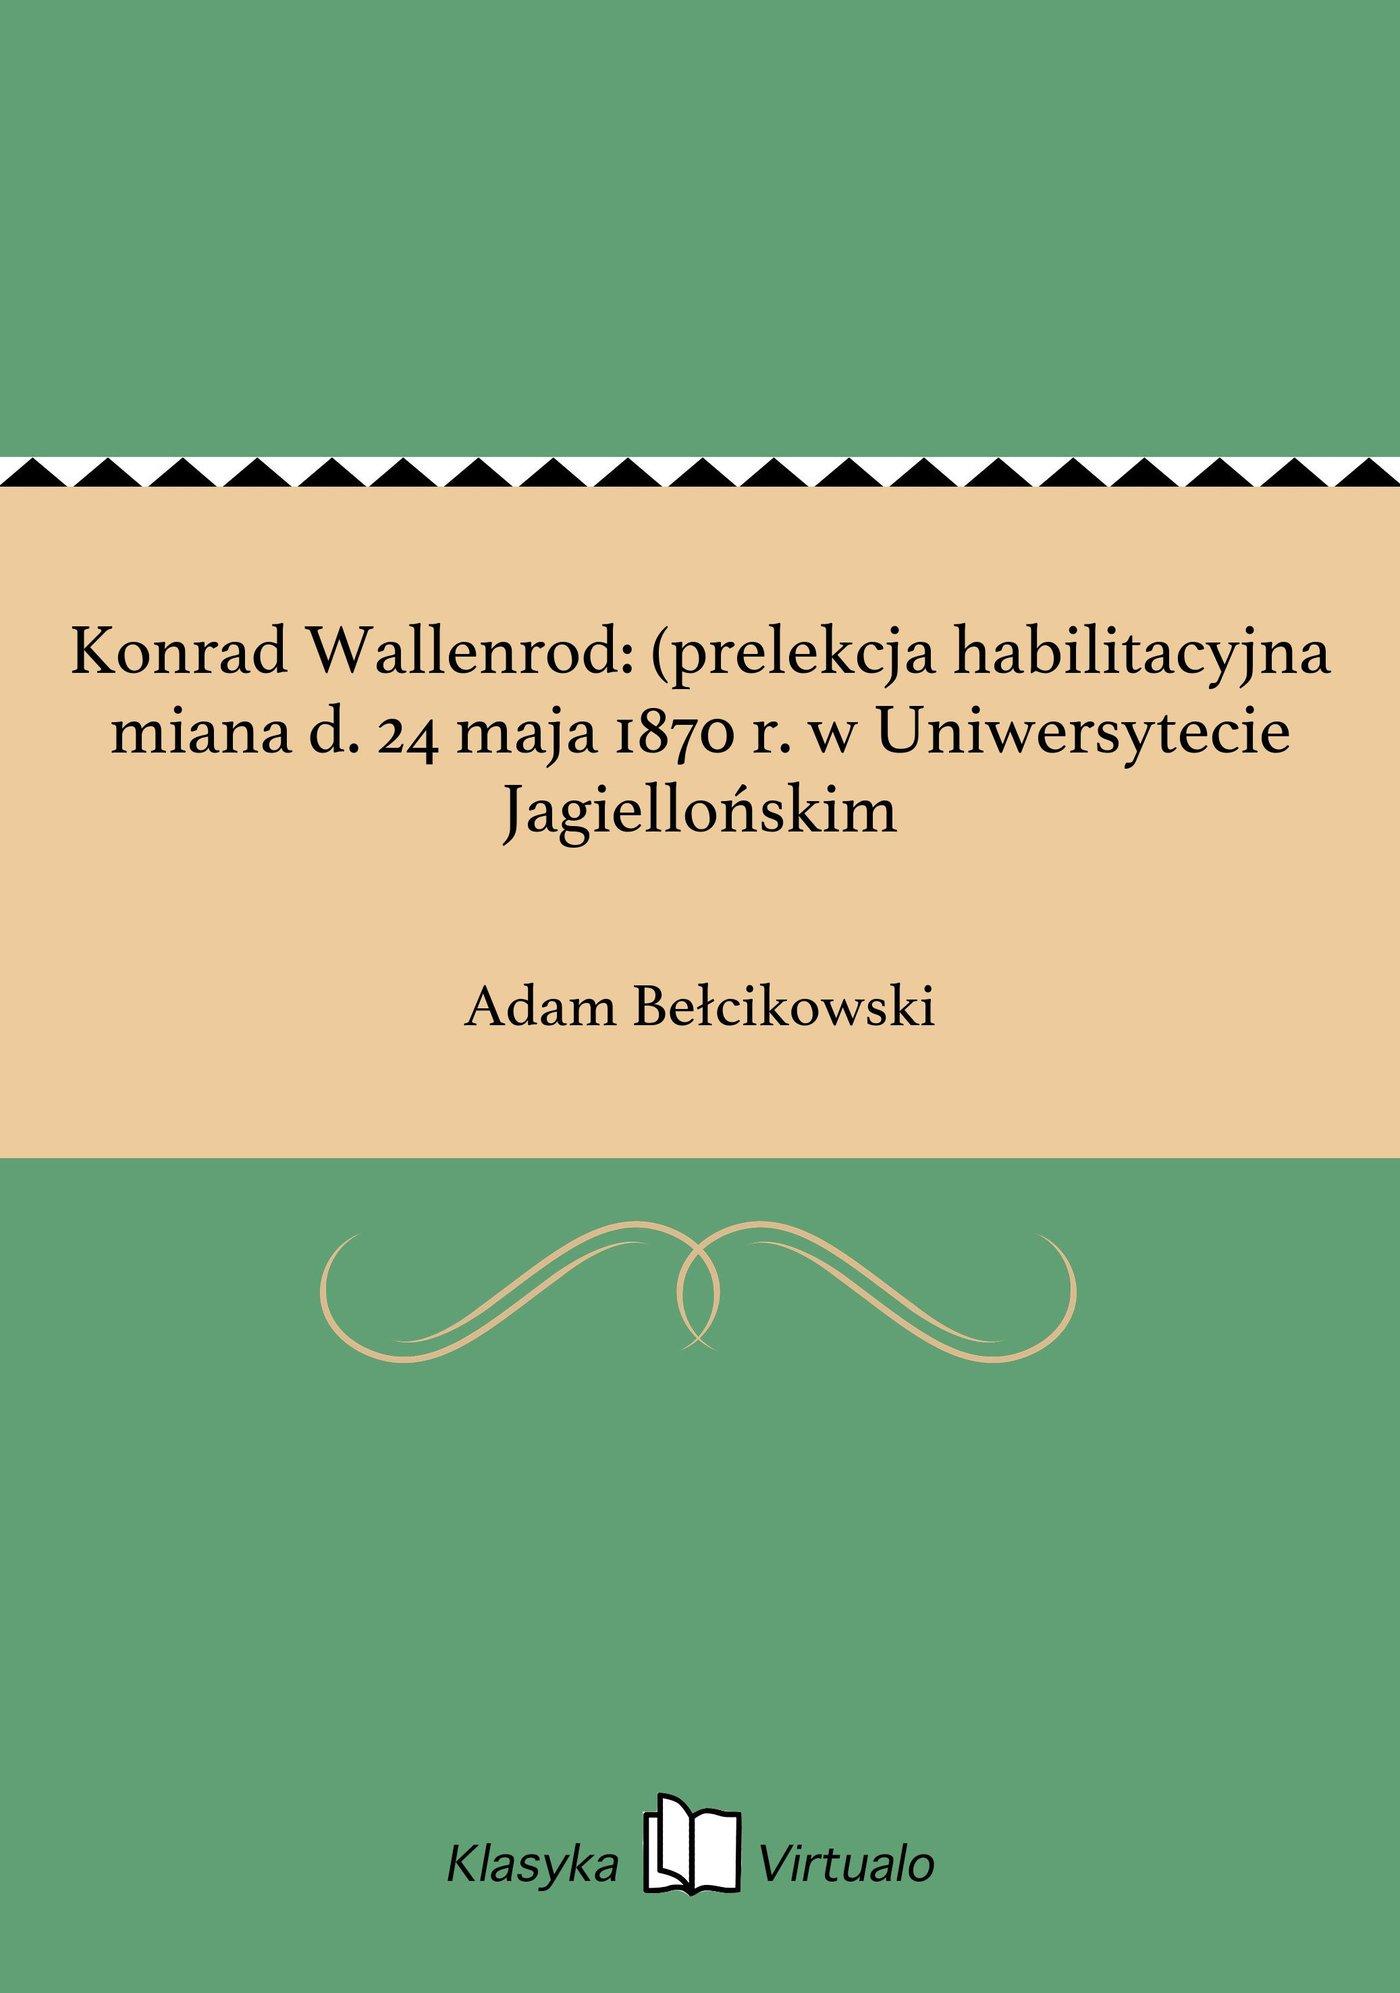 Konrad Wallenrod: (prelekcja habilitacyjna miana d. 24 maja 1870 r. w Uniwersytecie Jagiellońskim - Ebook (Książka EPUB) do pobrania w formacie EPUB